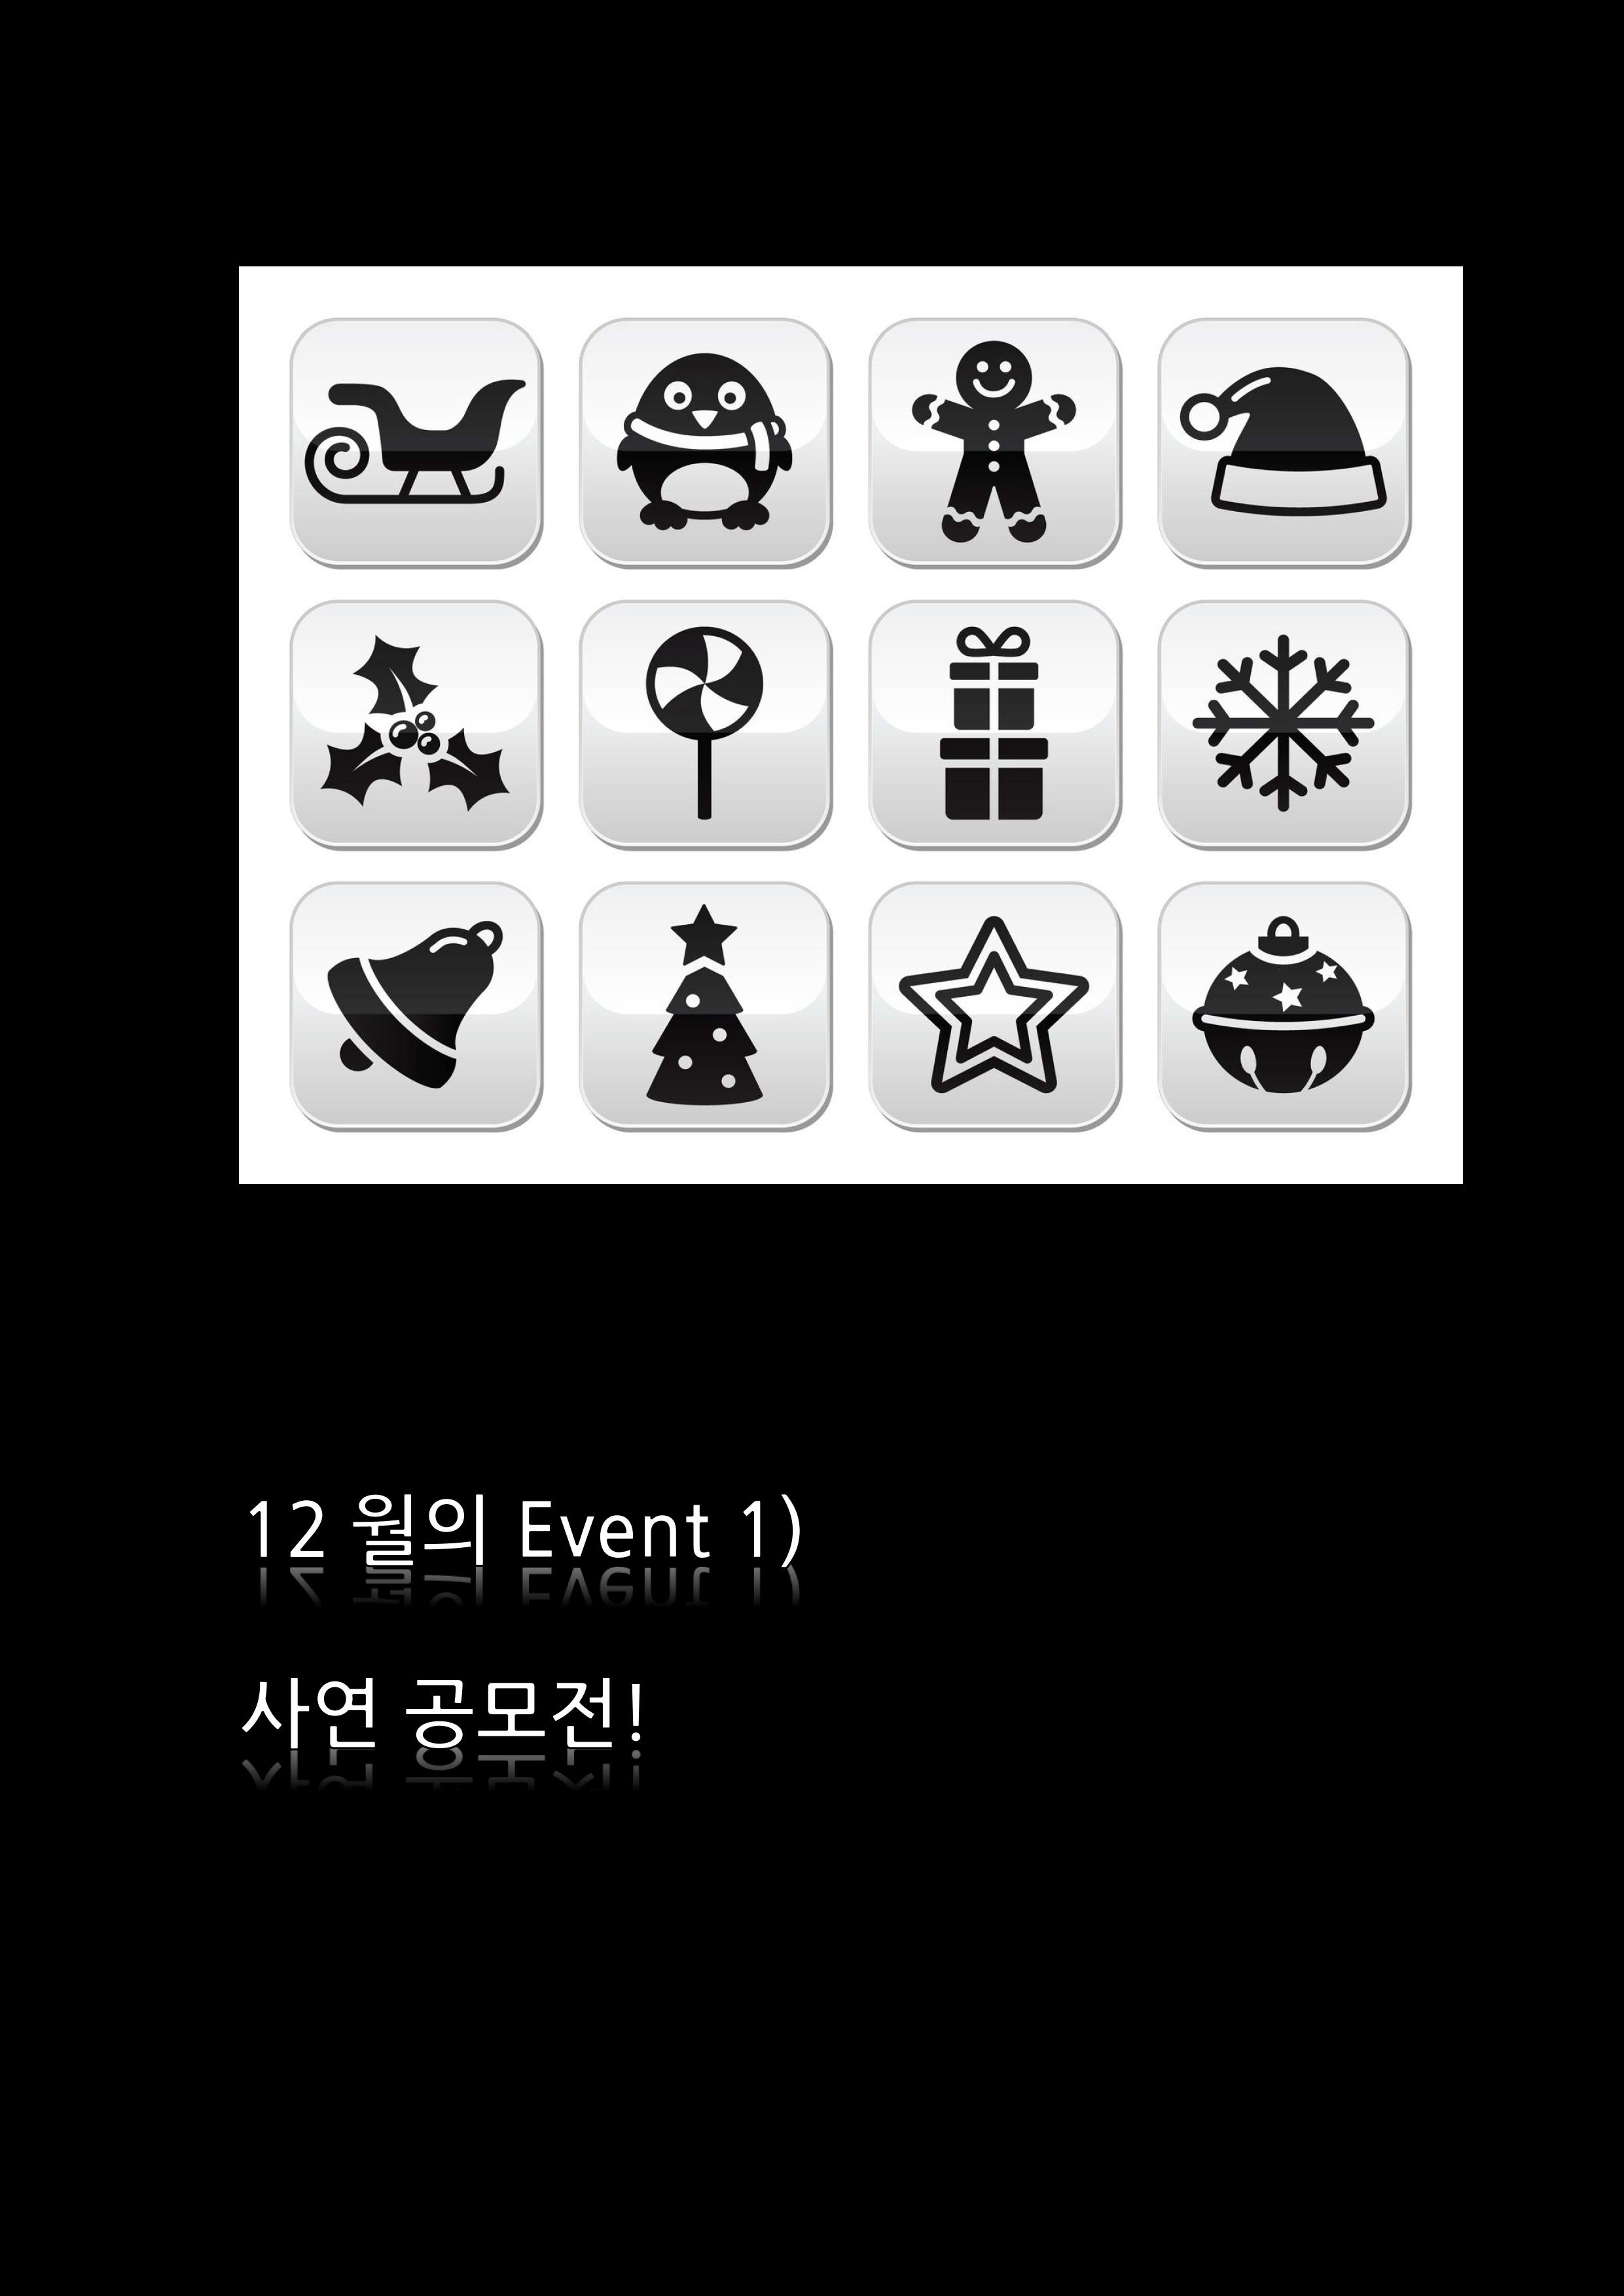 이벤트 공지글_01.png